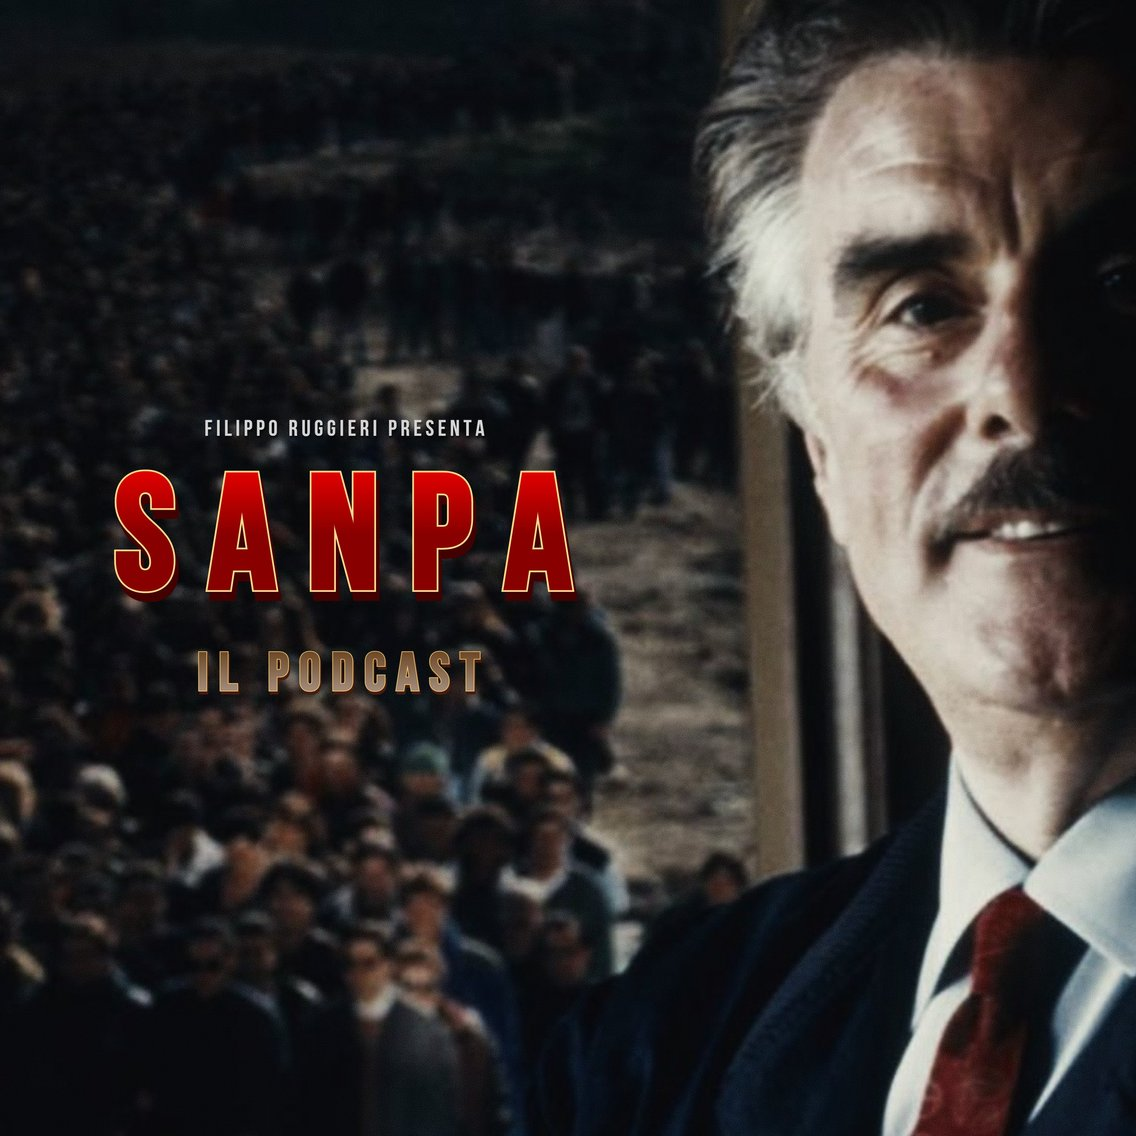 SANPA - Il Podcast - immagine di copertina